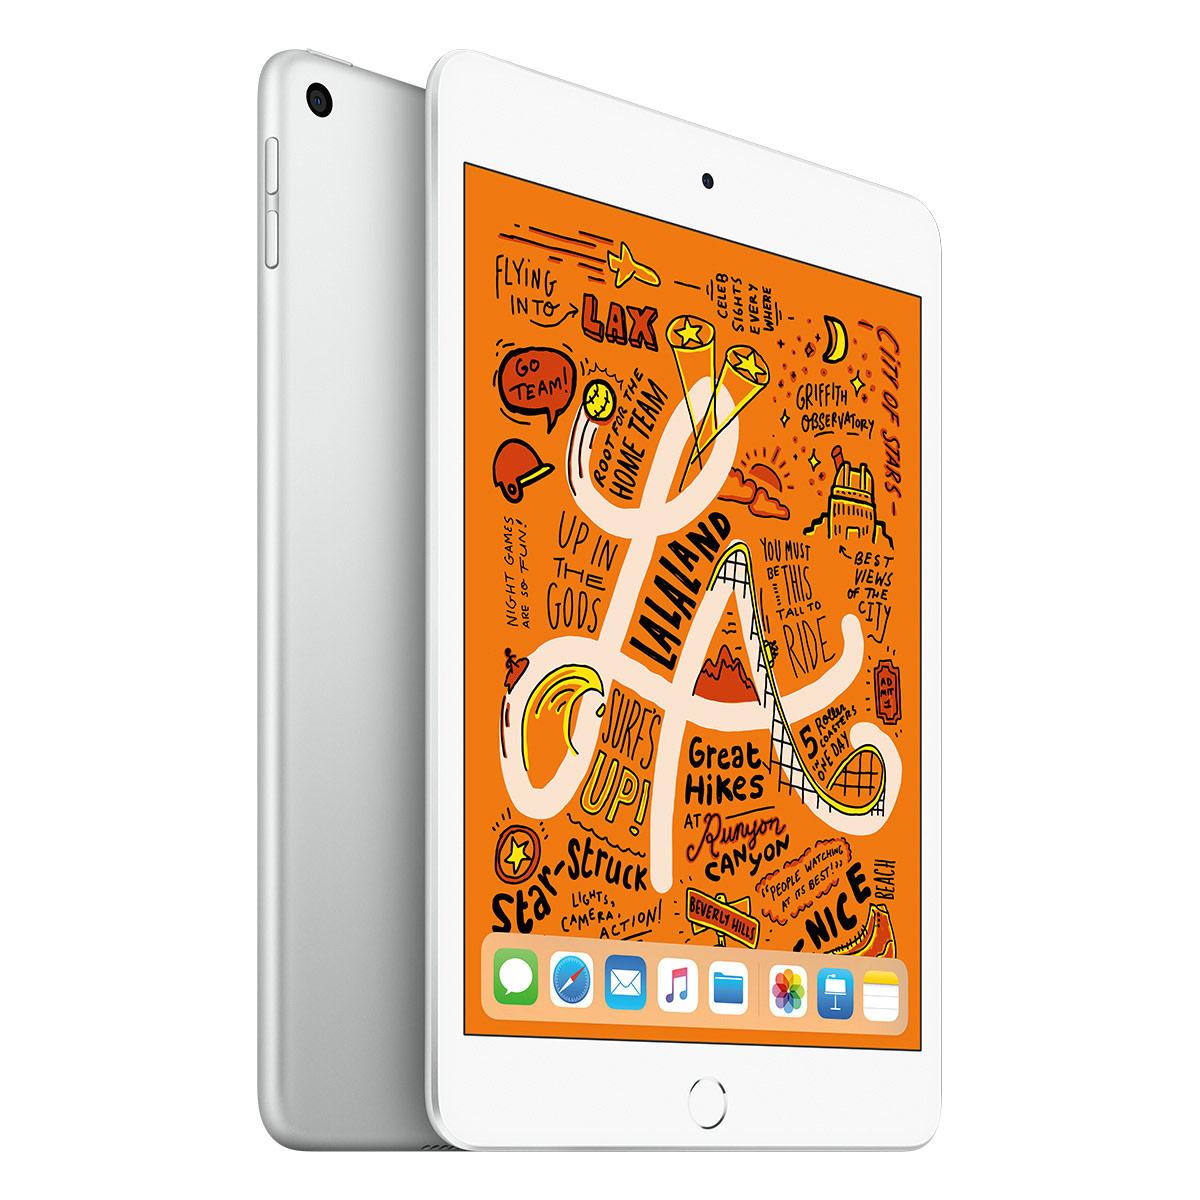 Education Apple iPad mini 64GB WiFi - Silver